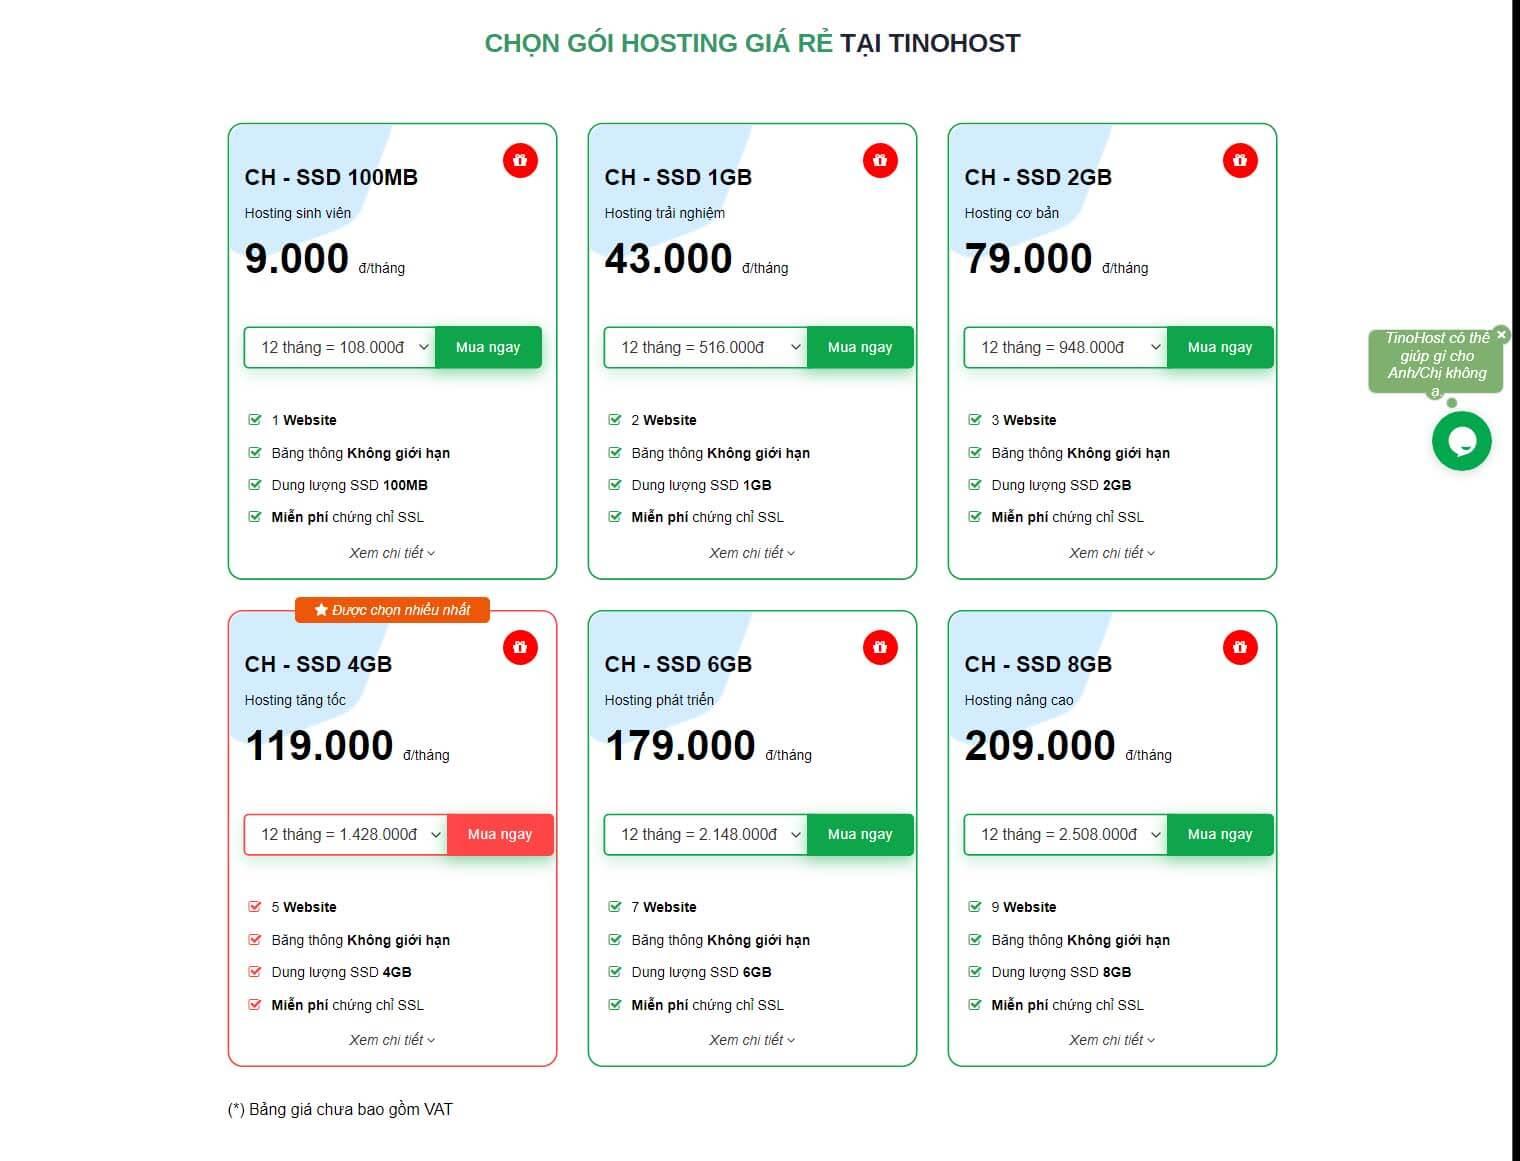 Các gói hosting ở TINO host